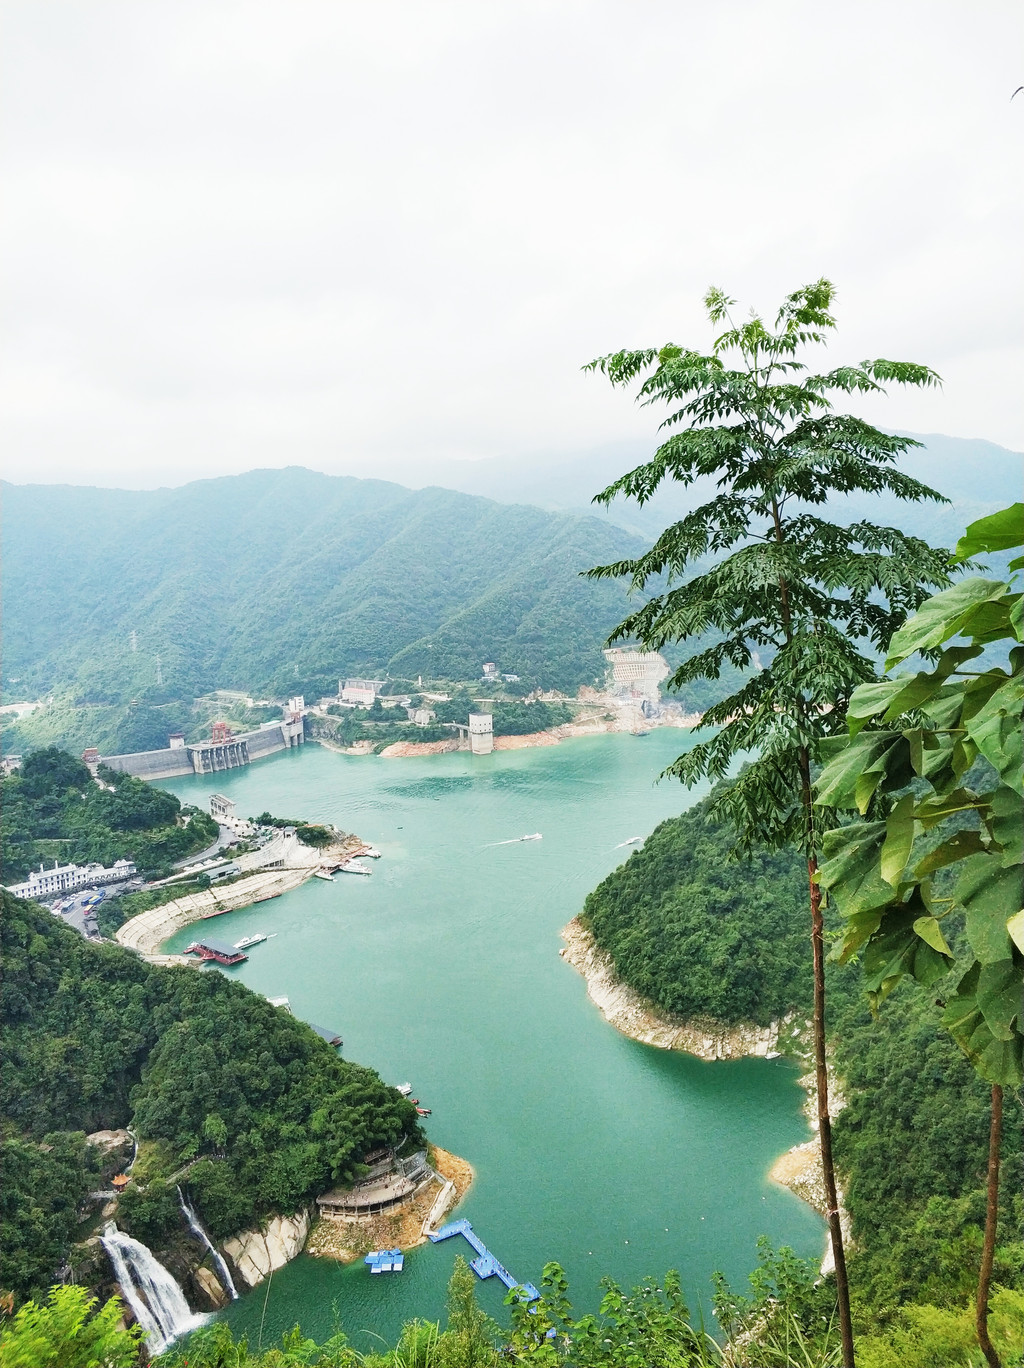 长沙周边旅游攻略:周末游小东江